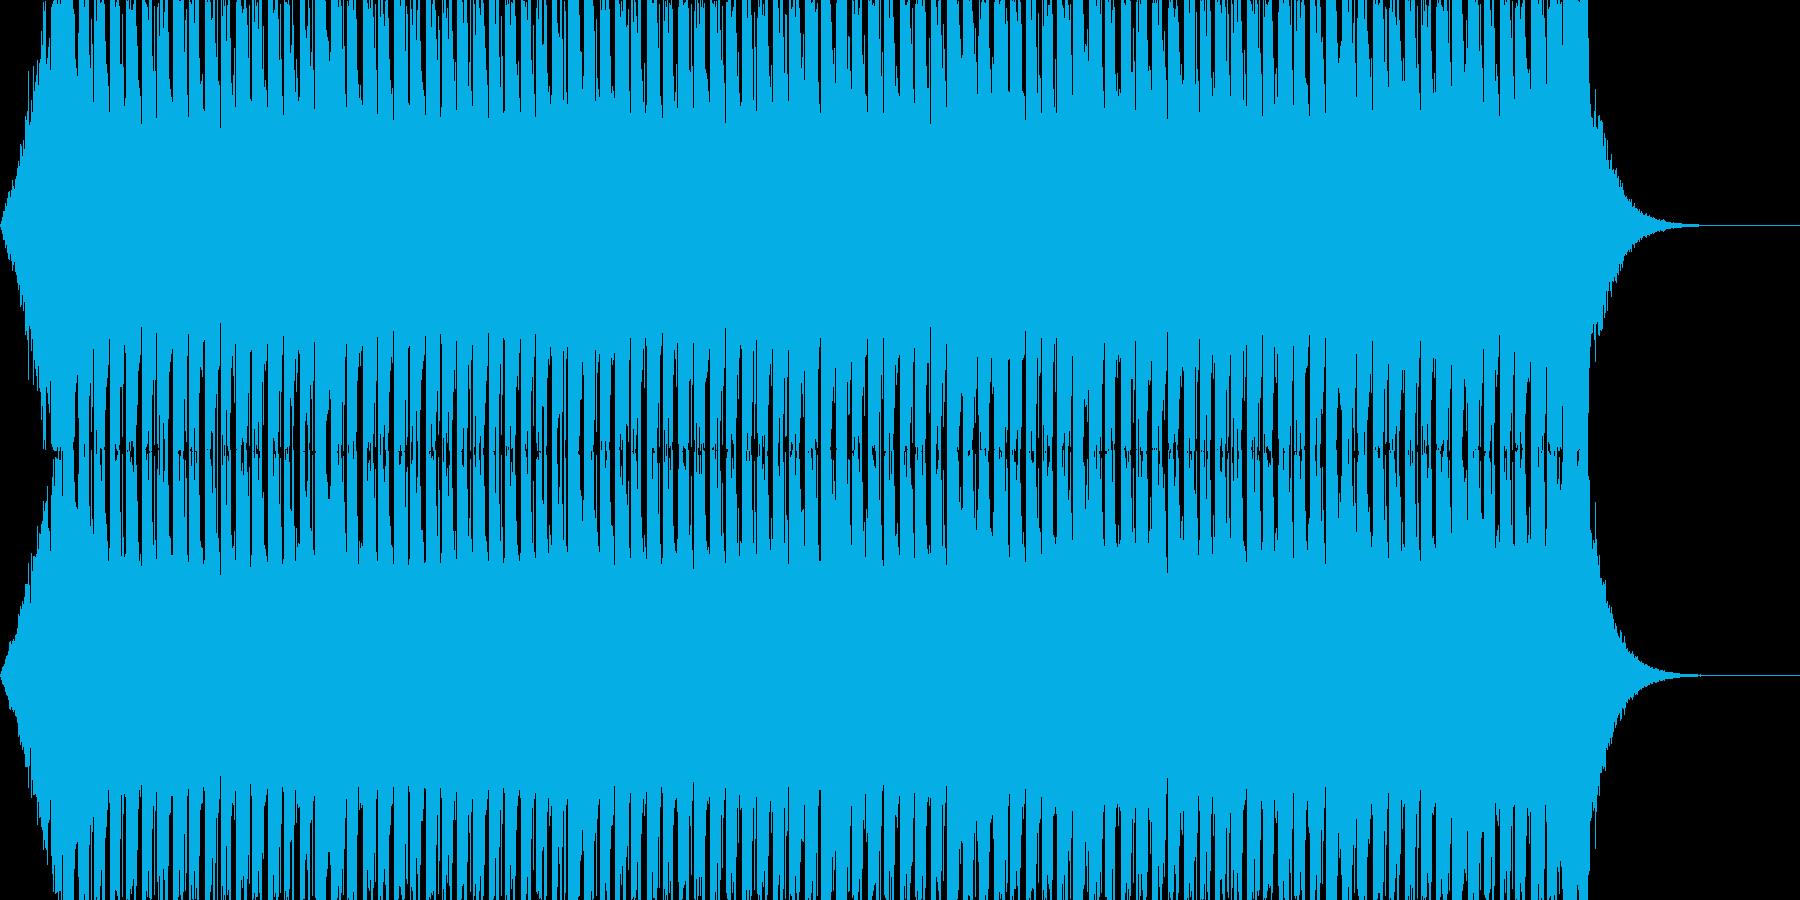 ぶっといベースが決め手のEDMの再生済みの波形